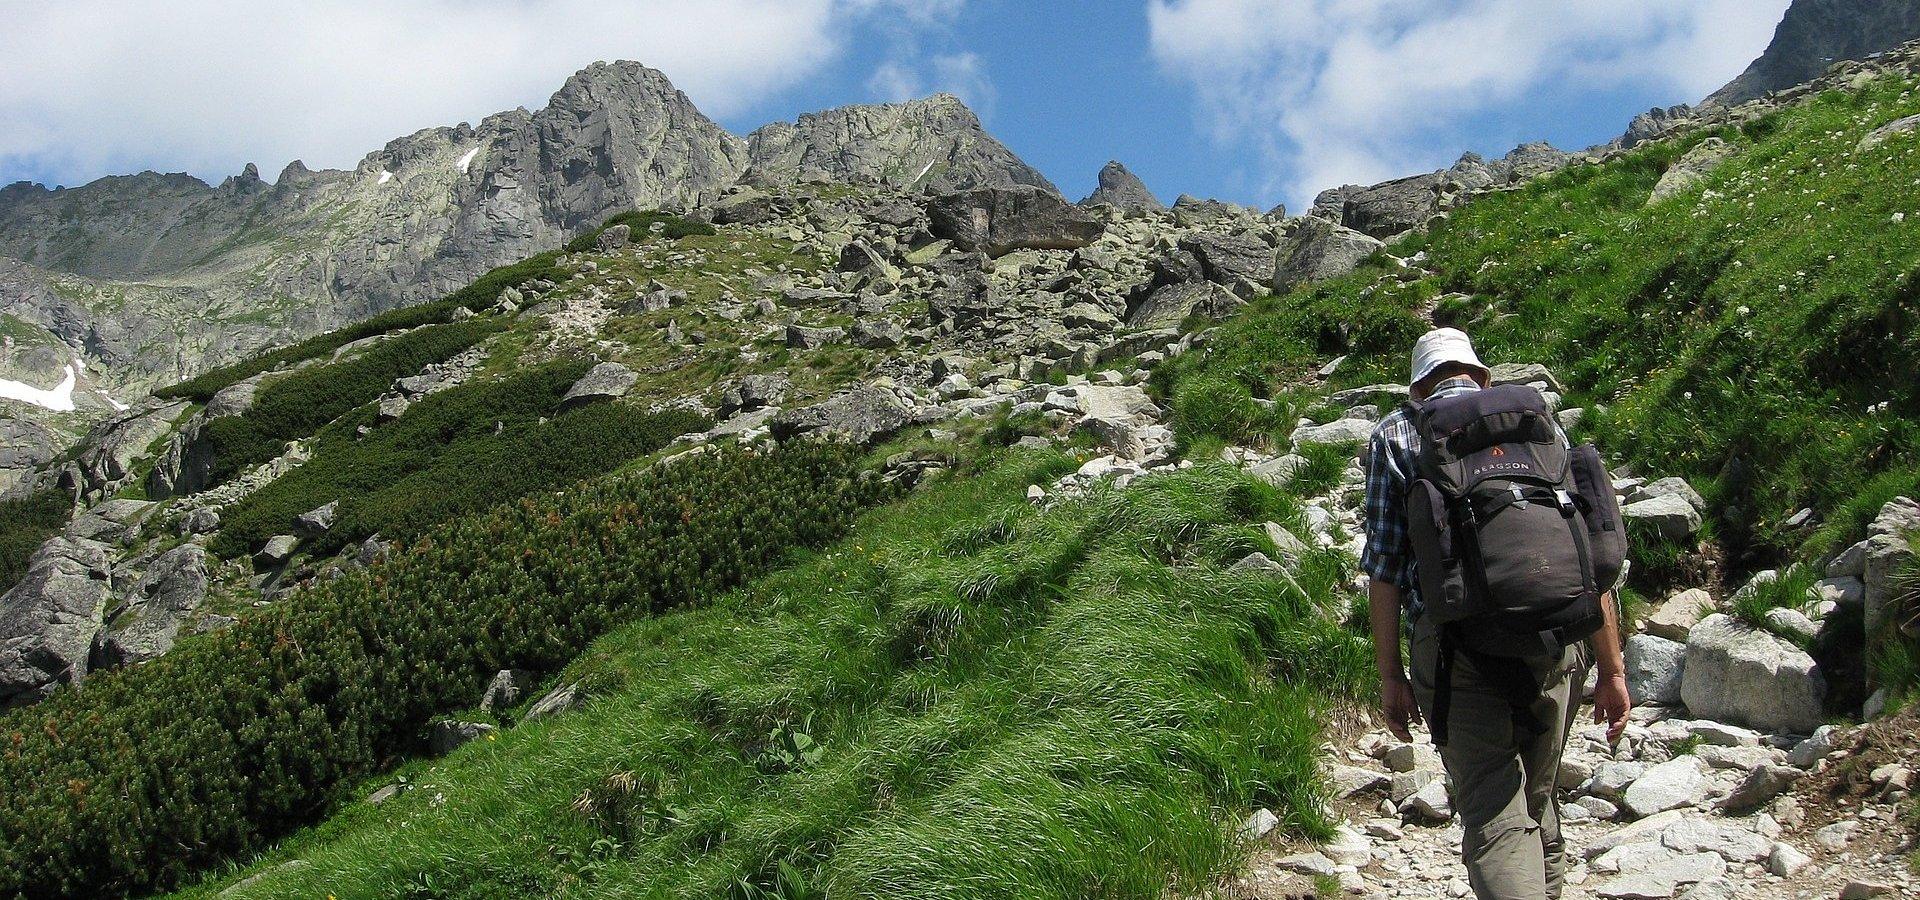 Szczyt sezonu w Tatrach. Jak zaplanować bezpieczną wędrówkę po górach z dala od tłumów?